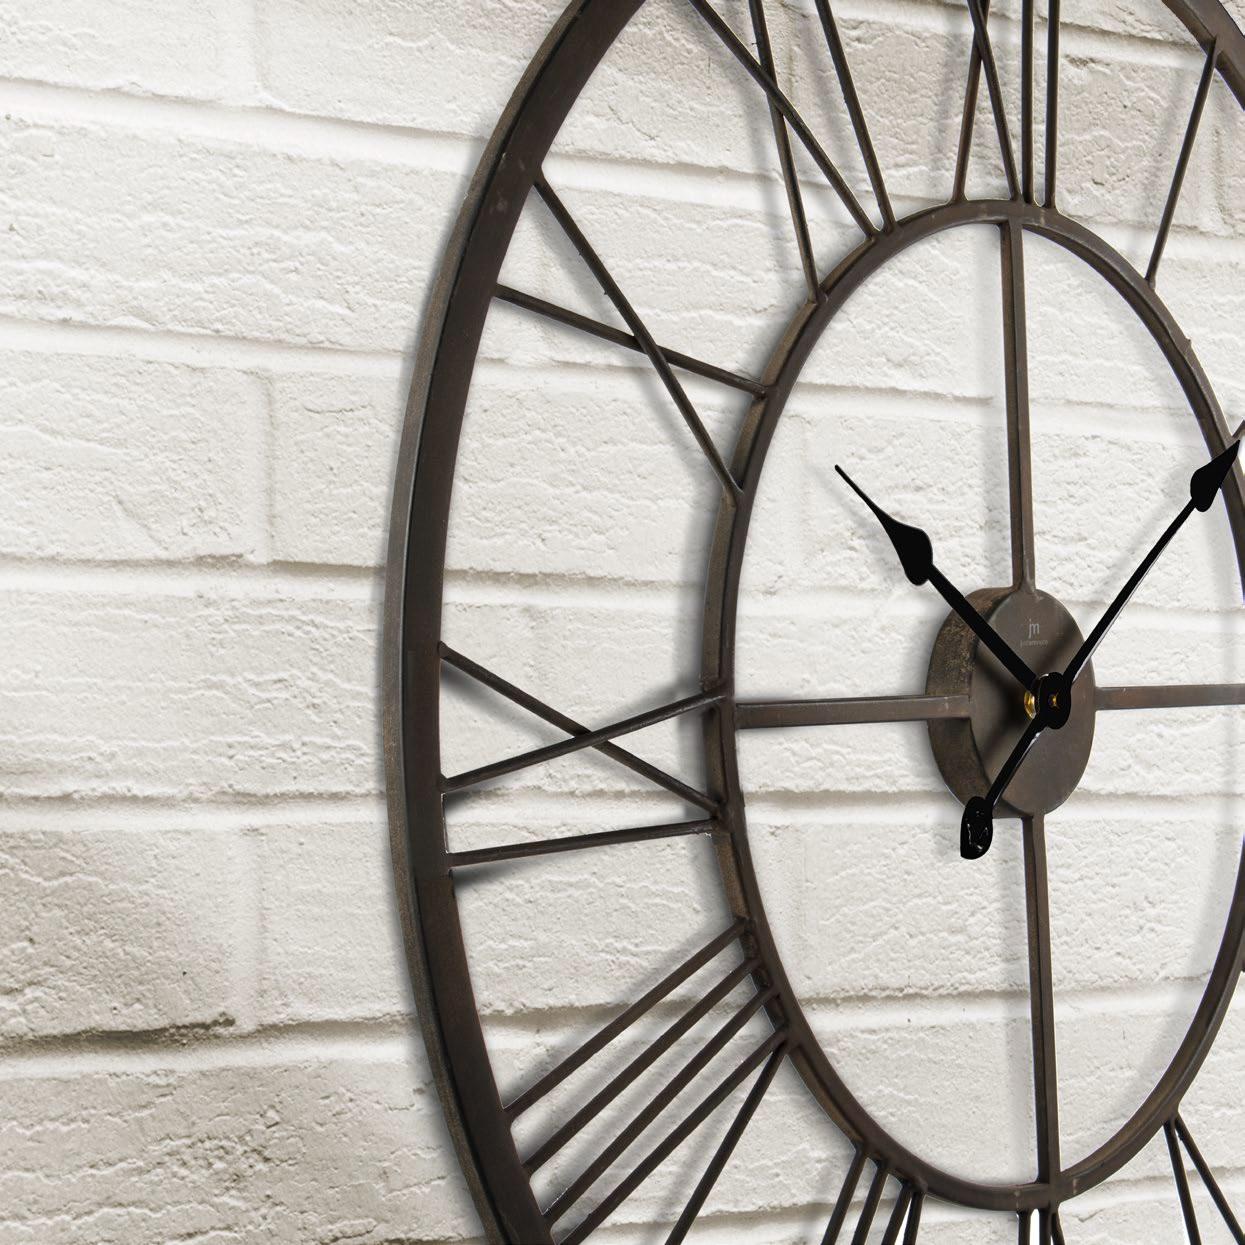 Orologio da parete grande in metallo anticato 76cm LOWELL 21469 Idea Luce  di Filippi - Carrù(Cuneo)